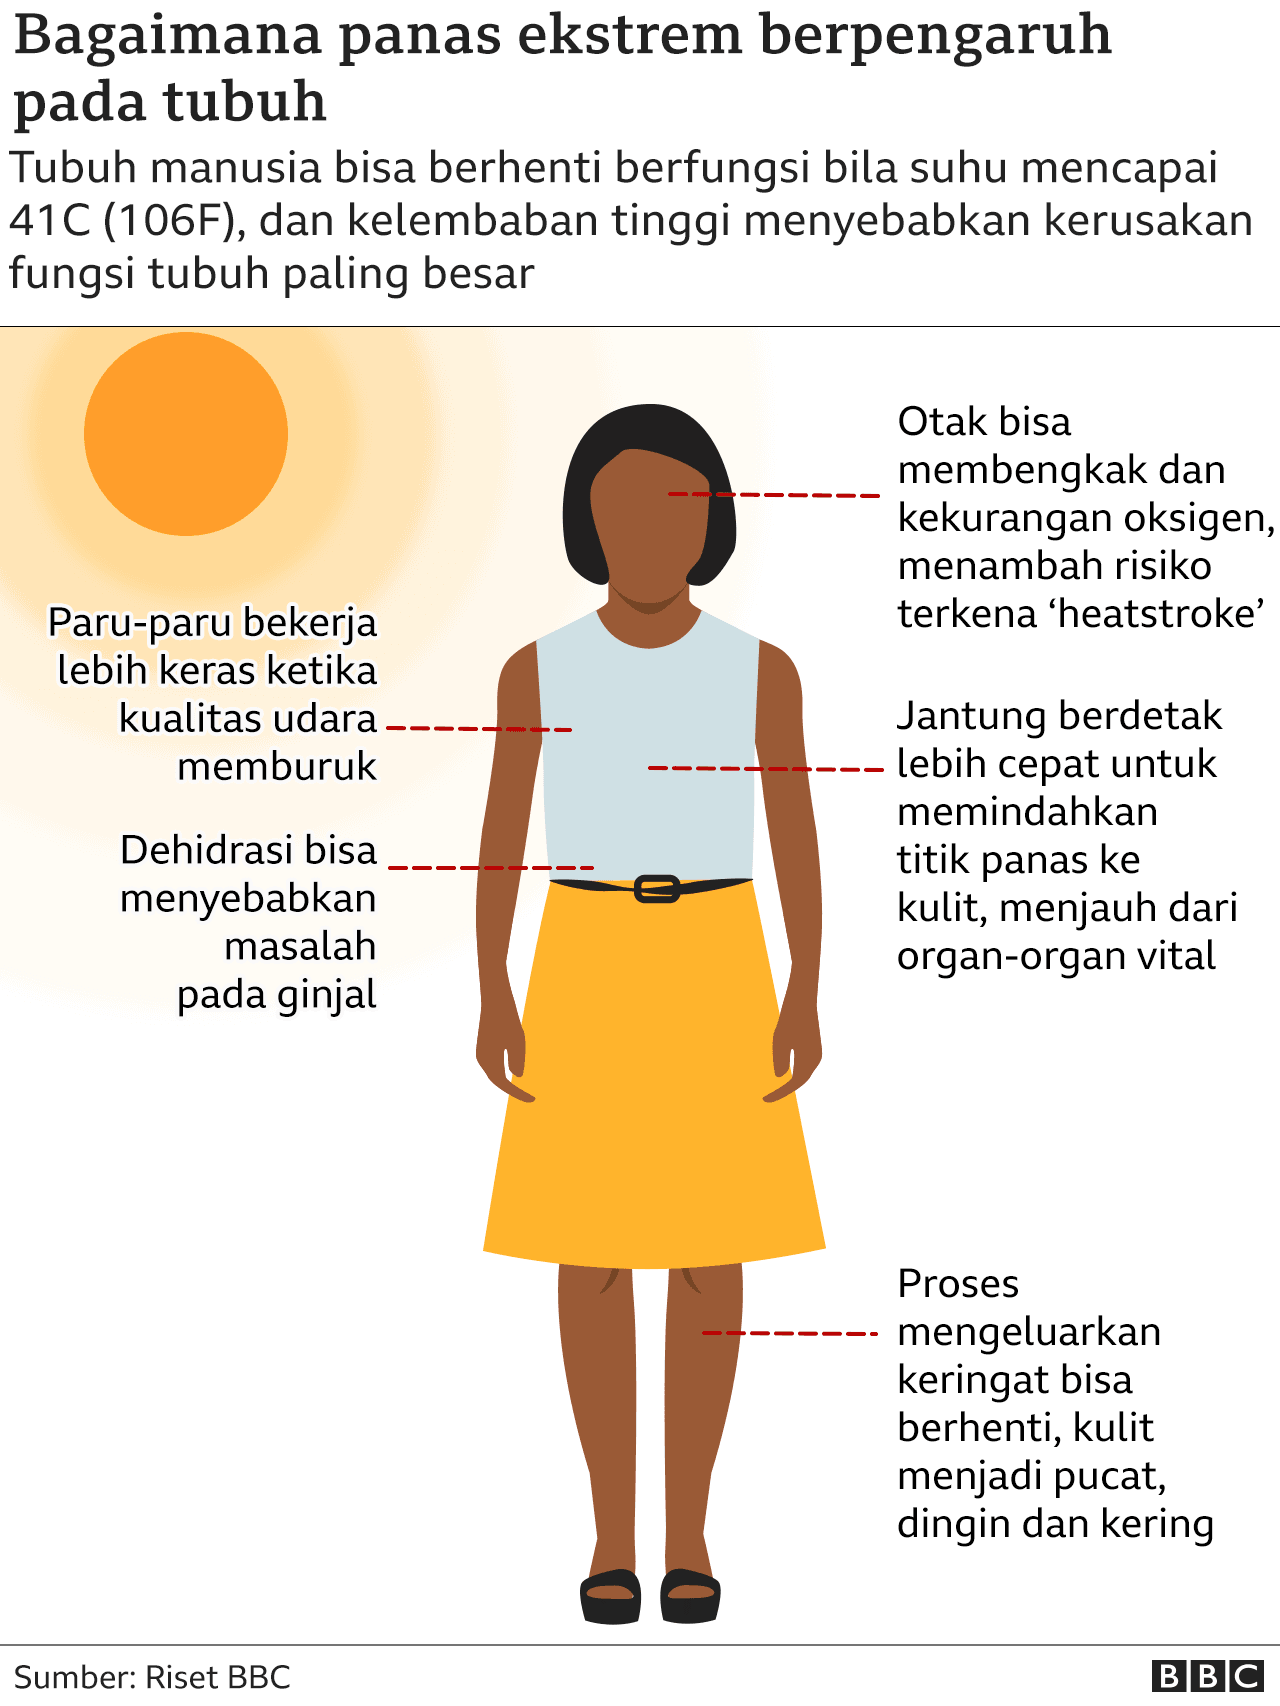 Dampak panas ekstrem pada tubuh